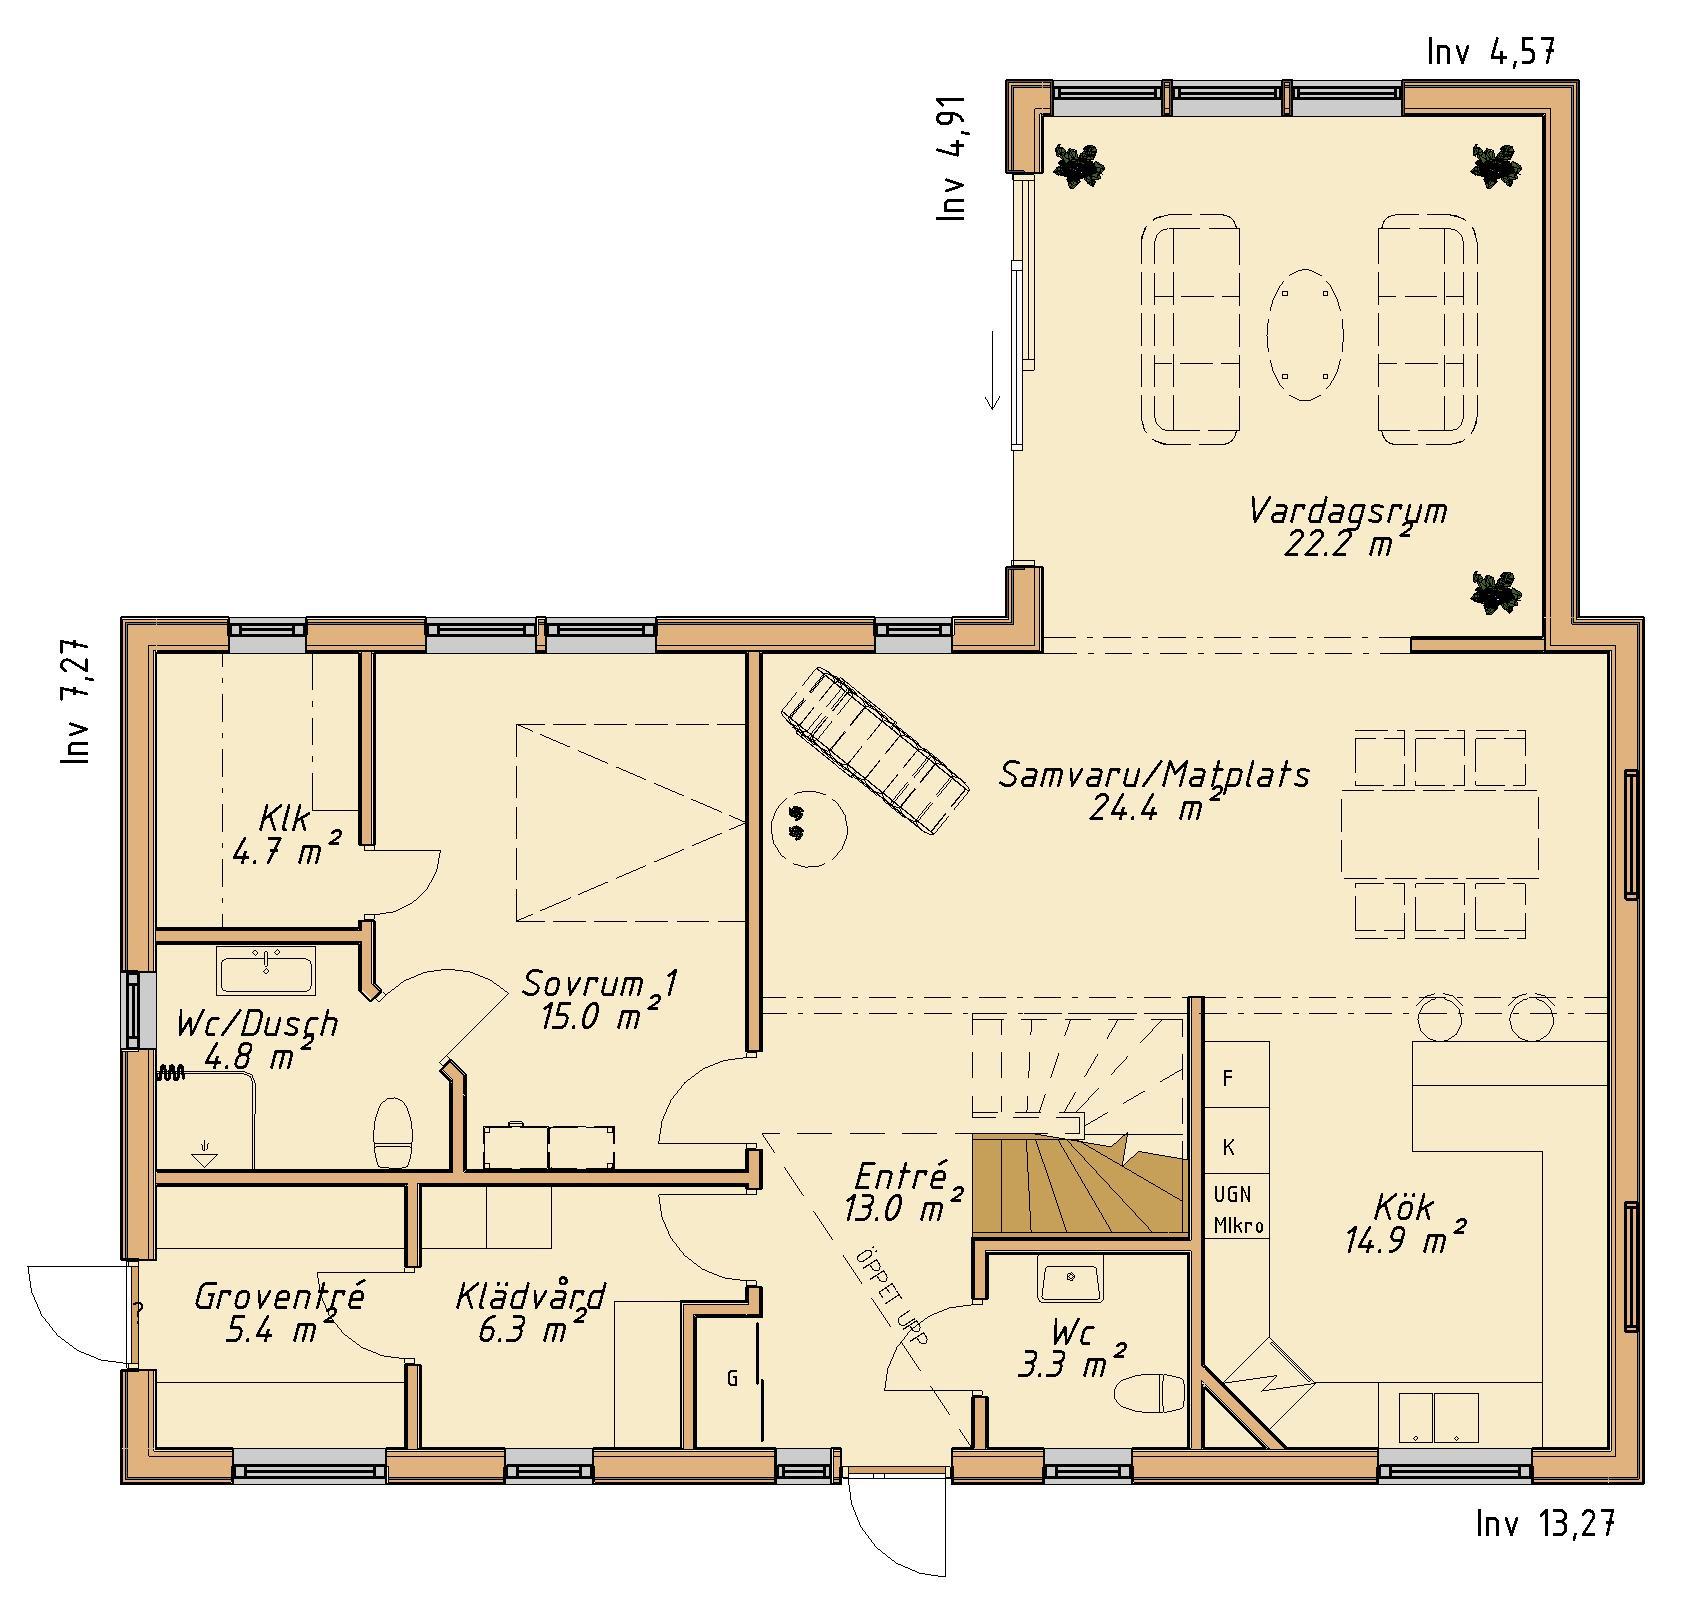 planlosningsbild 1 av SKÅRBY